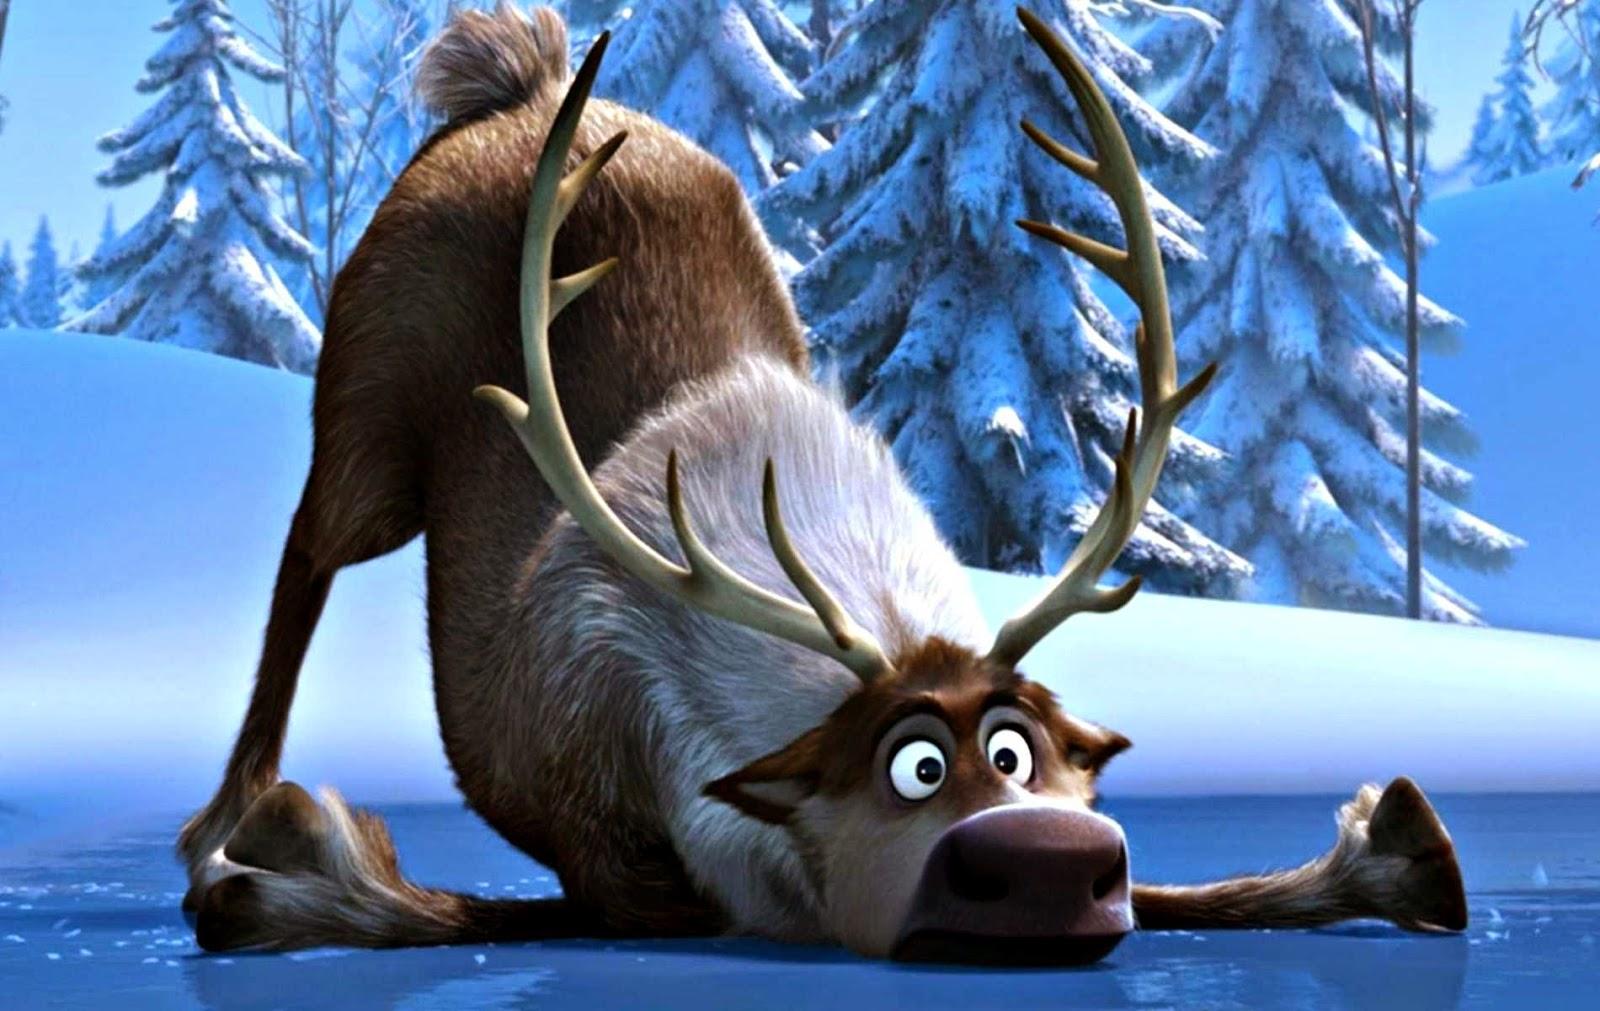 أجمل الخلفيات لفيلم Frozen (ملكة الثلج)